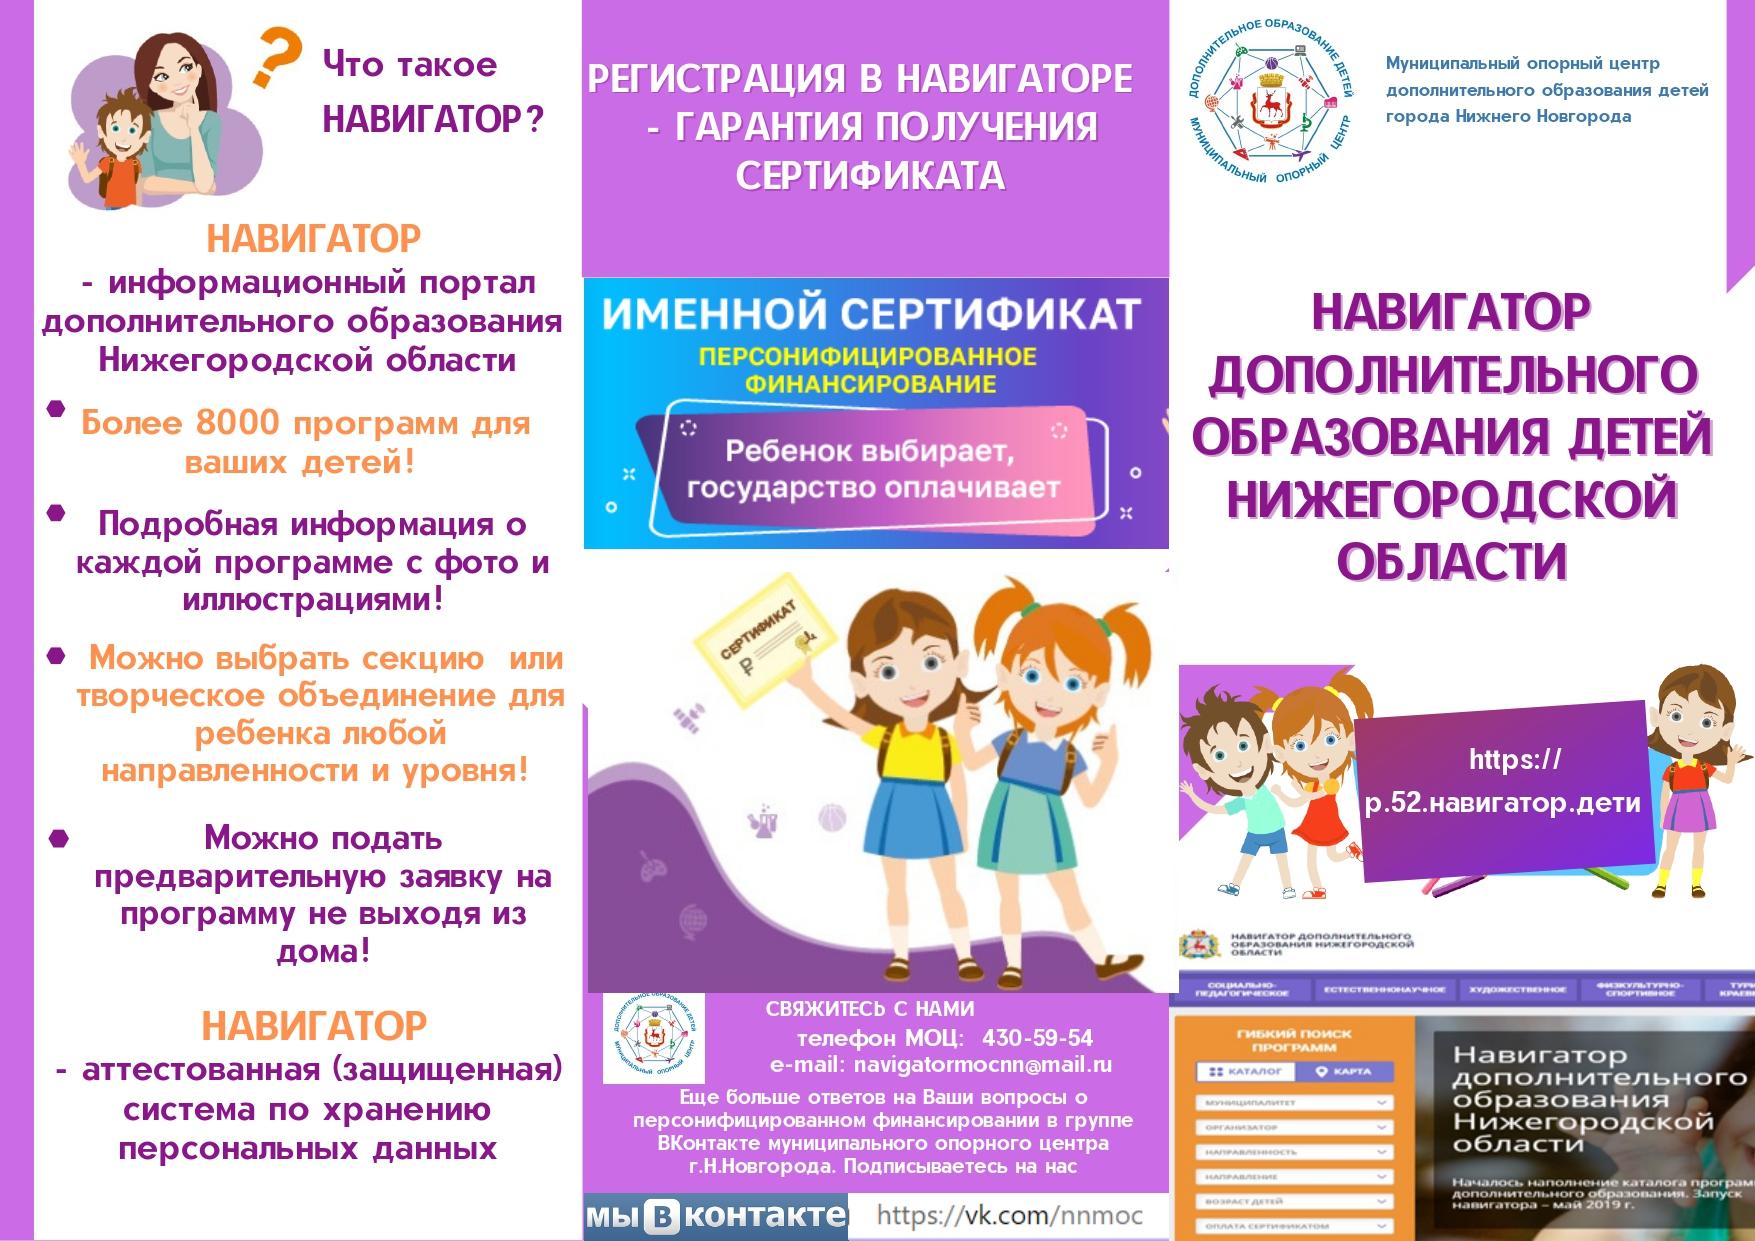 http://cdt-leninskii.ucoz.net/ART-DESIGN/navigator_1.jpg